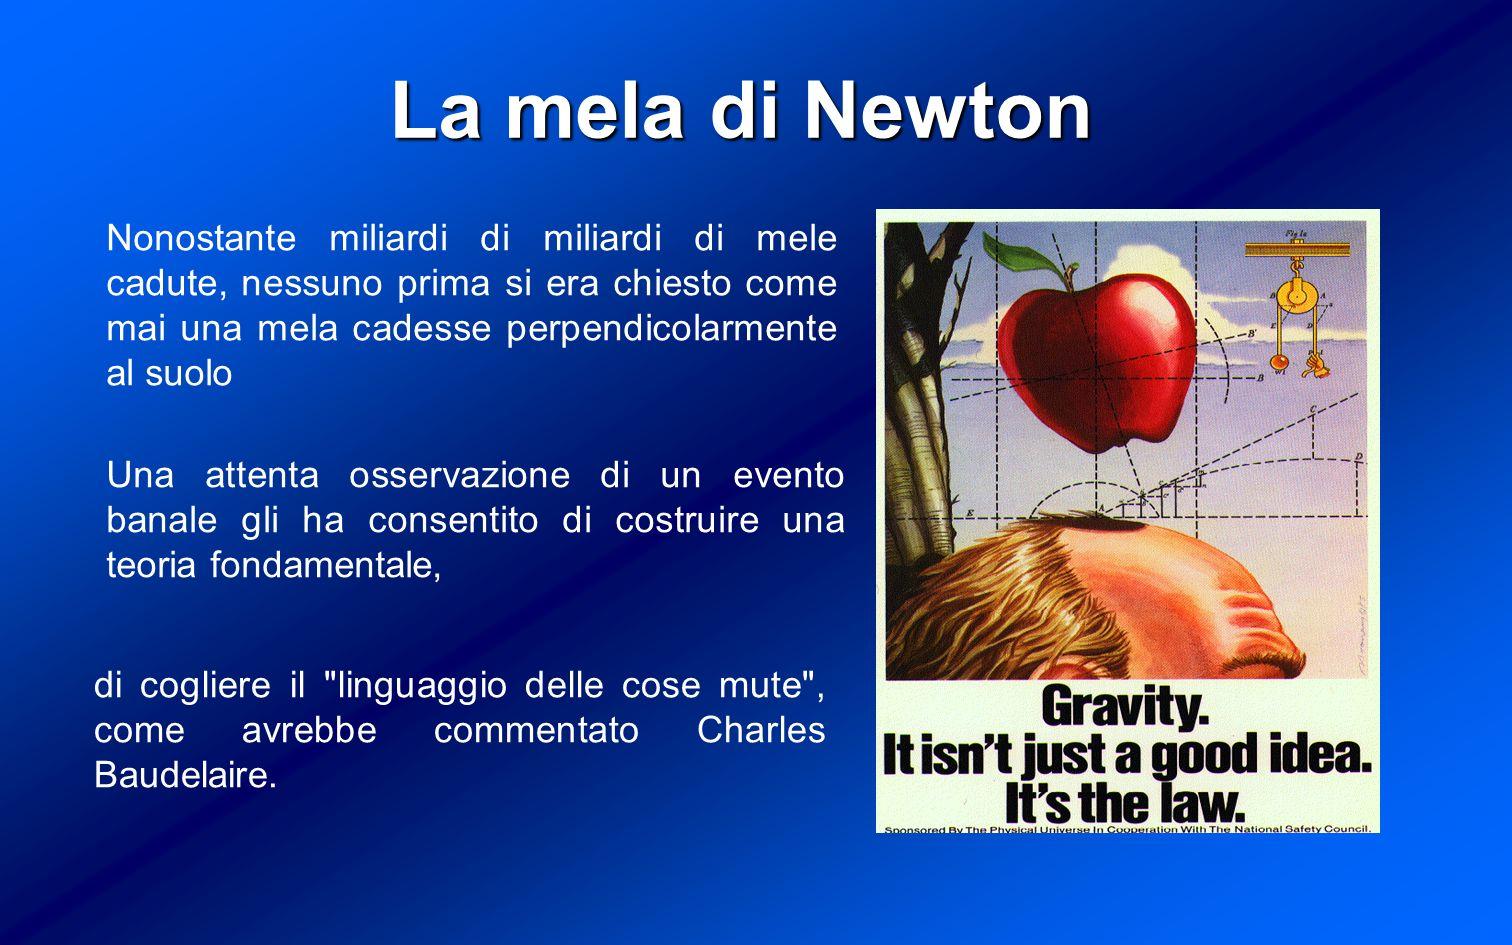 La mela di Newton Nonostante miliardi di miliardi di mele cadute, nessuno prima si era chiesto come mai una mela cadesse perpendicolarmente al suolo.